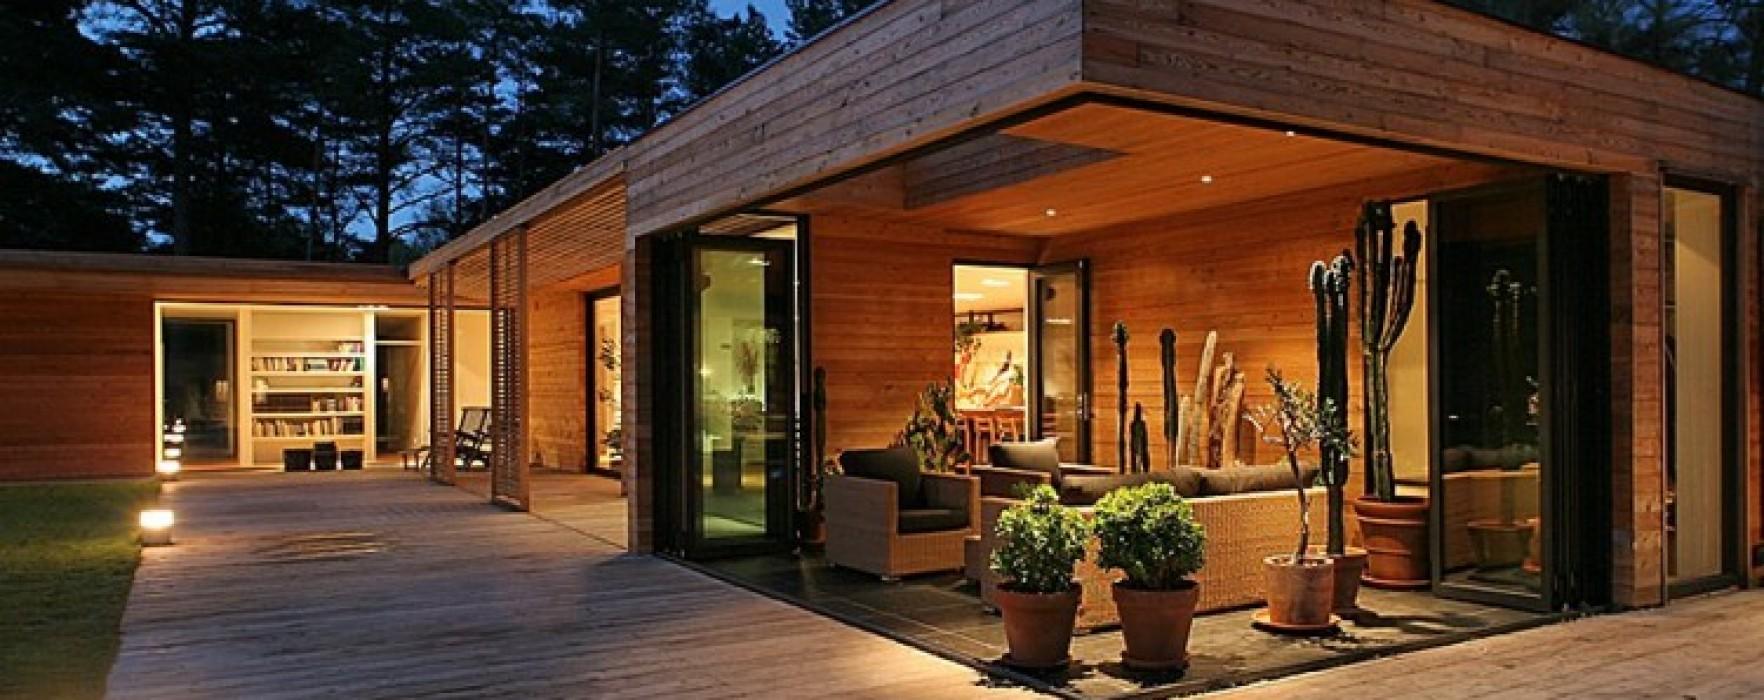 Struttura e riscaldamento di una casa in legno for Durata case in legno